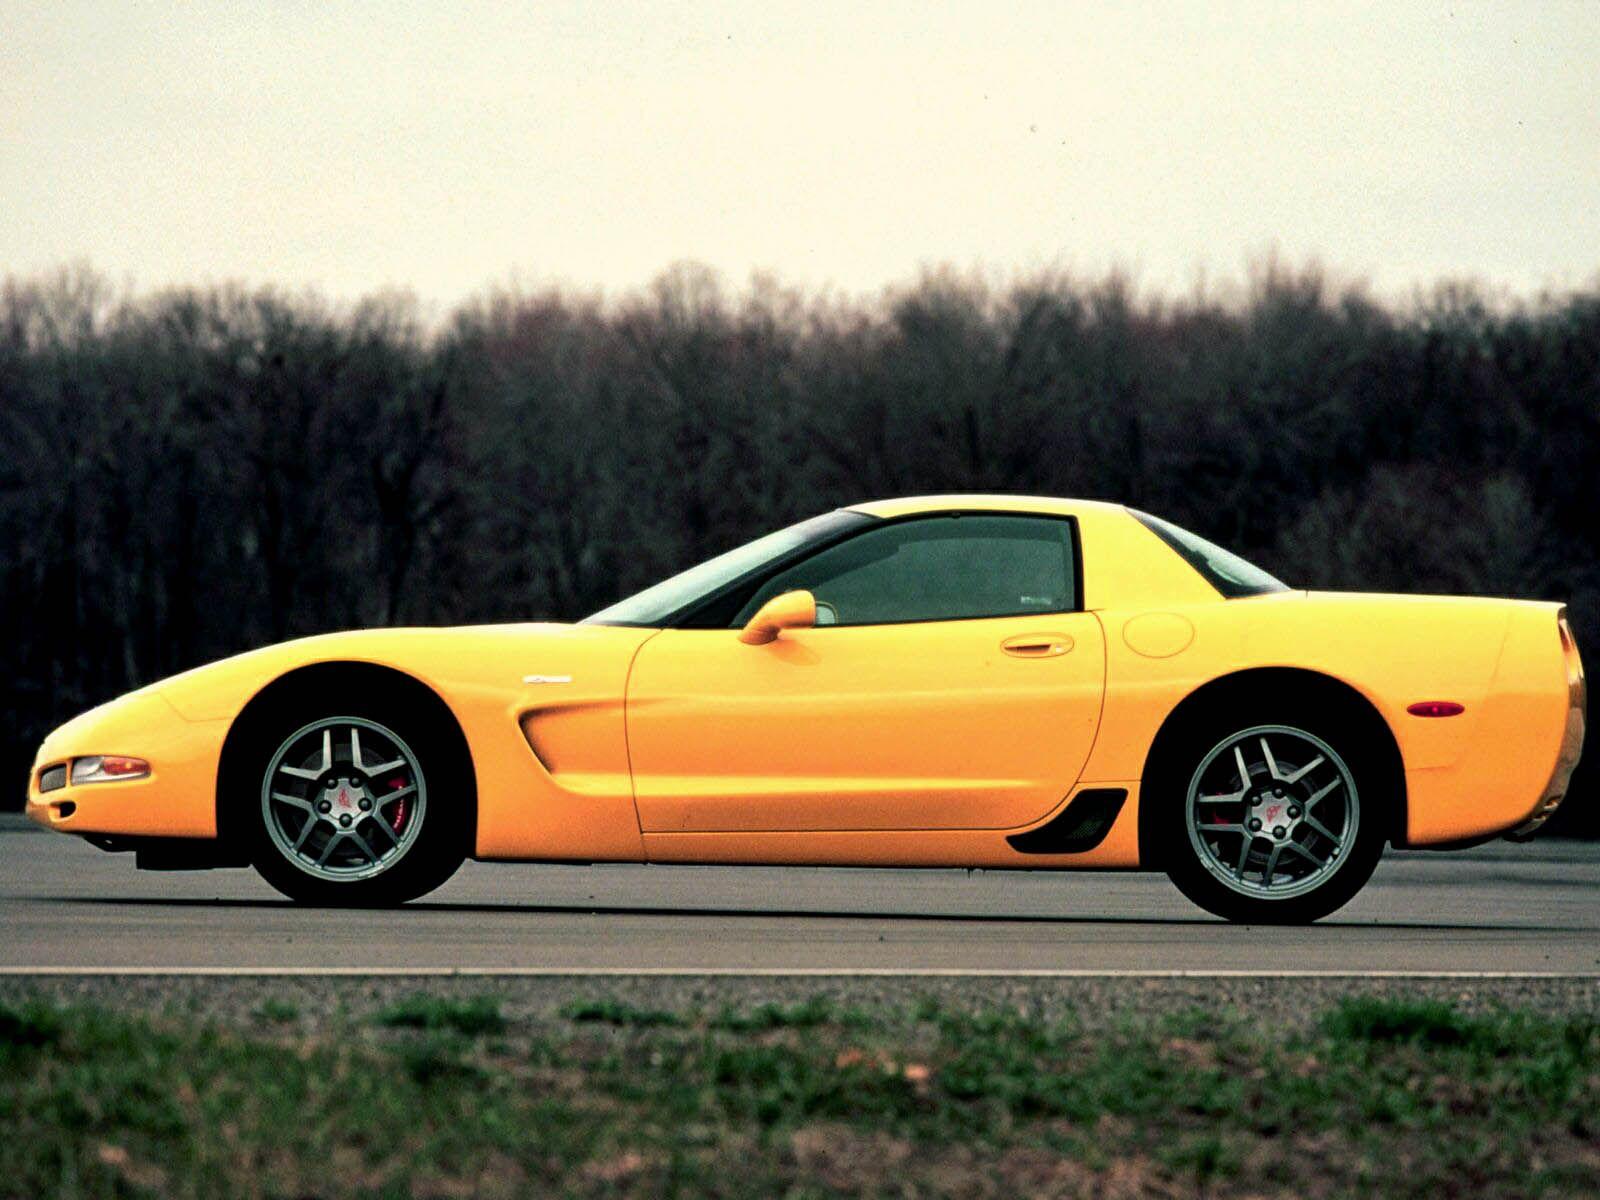 C5 Corvette Z06 Just Like My Husband S Chevrolet Corvette Chevrolet Corvette